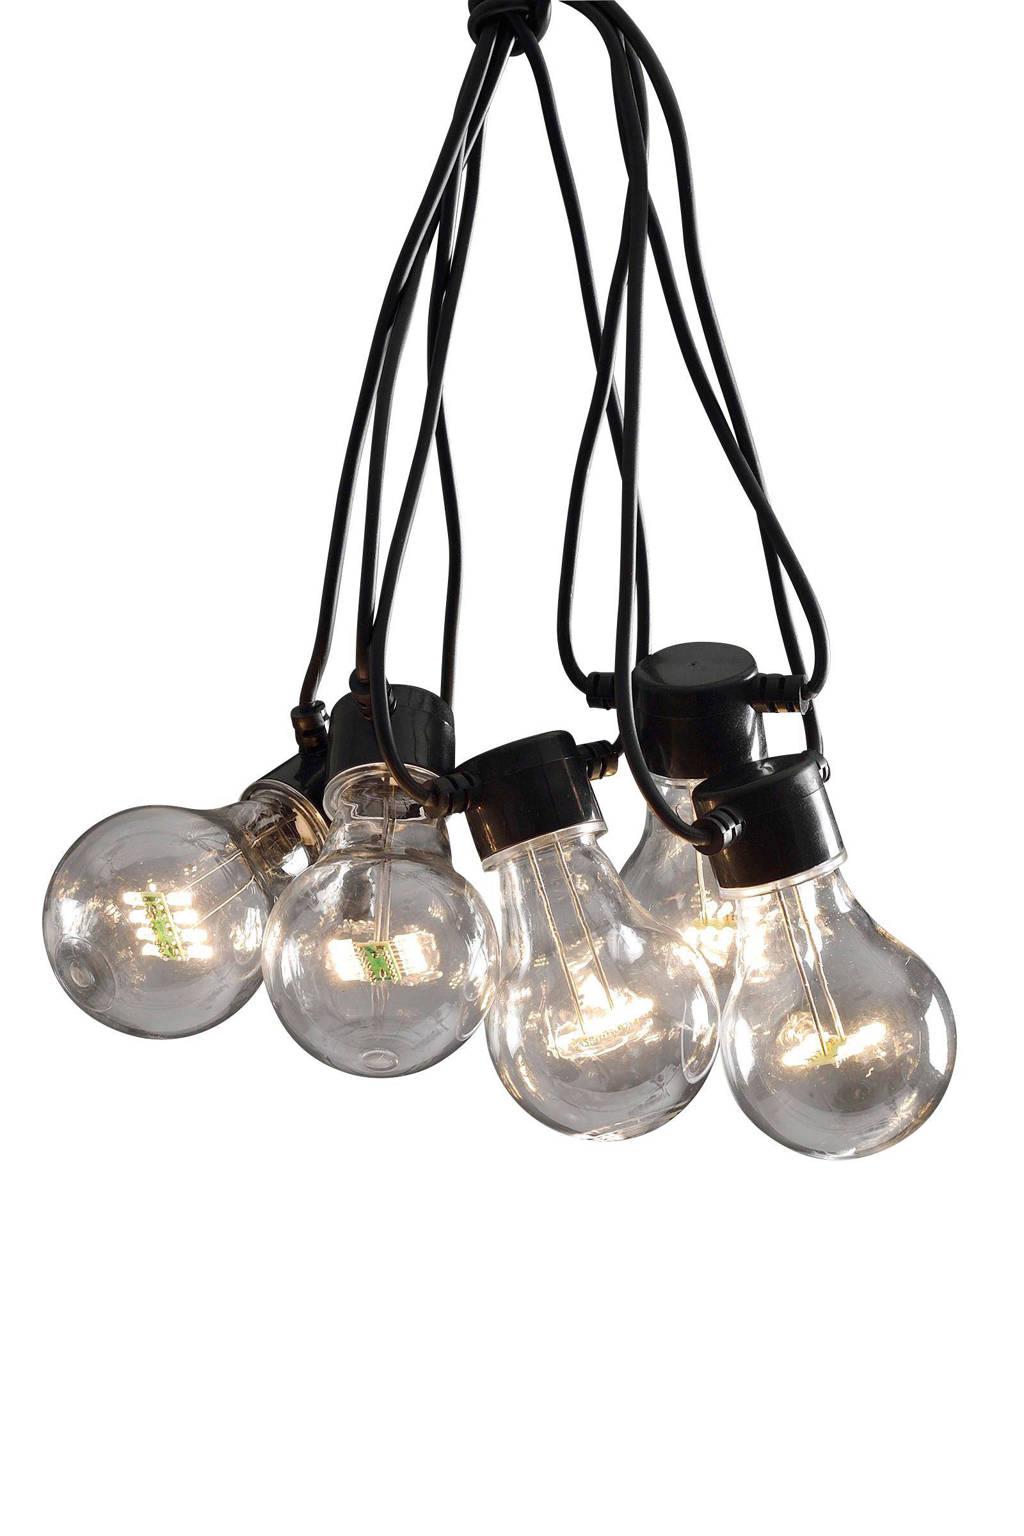 Konstsmide 24V lichtsnoer (10 lampen), 14,5 m, Transparant, zwart